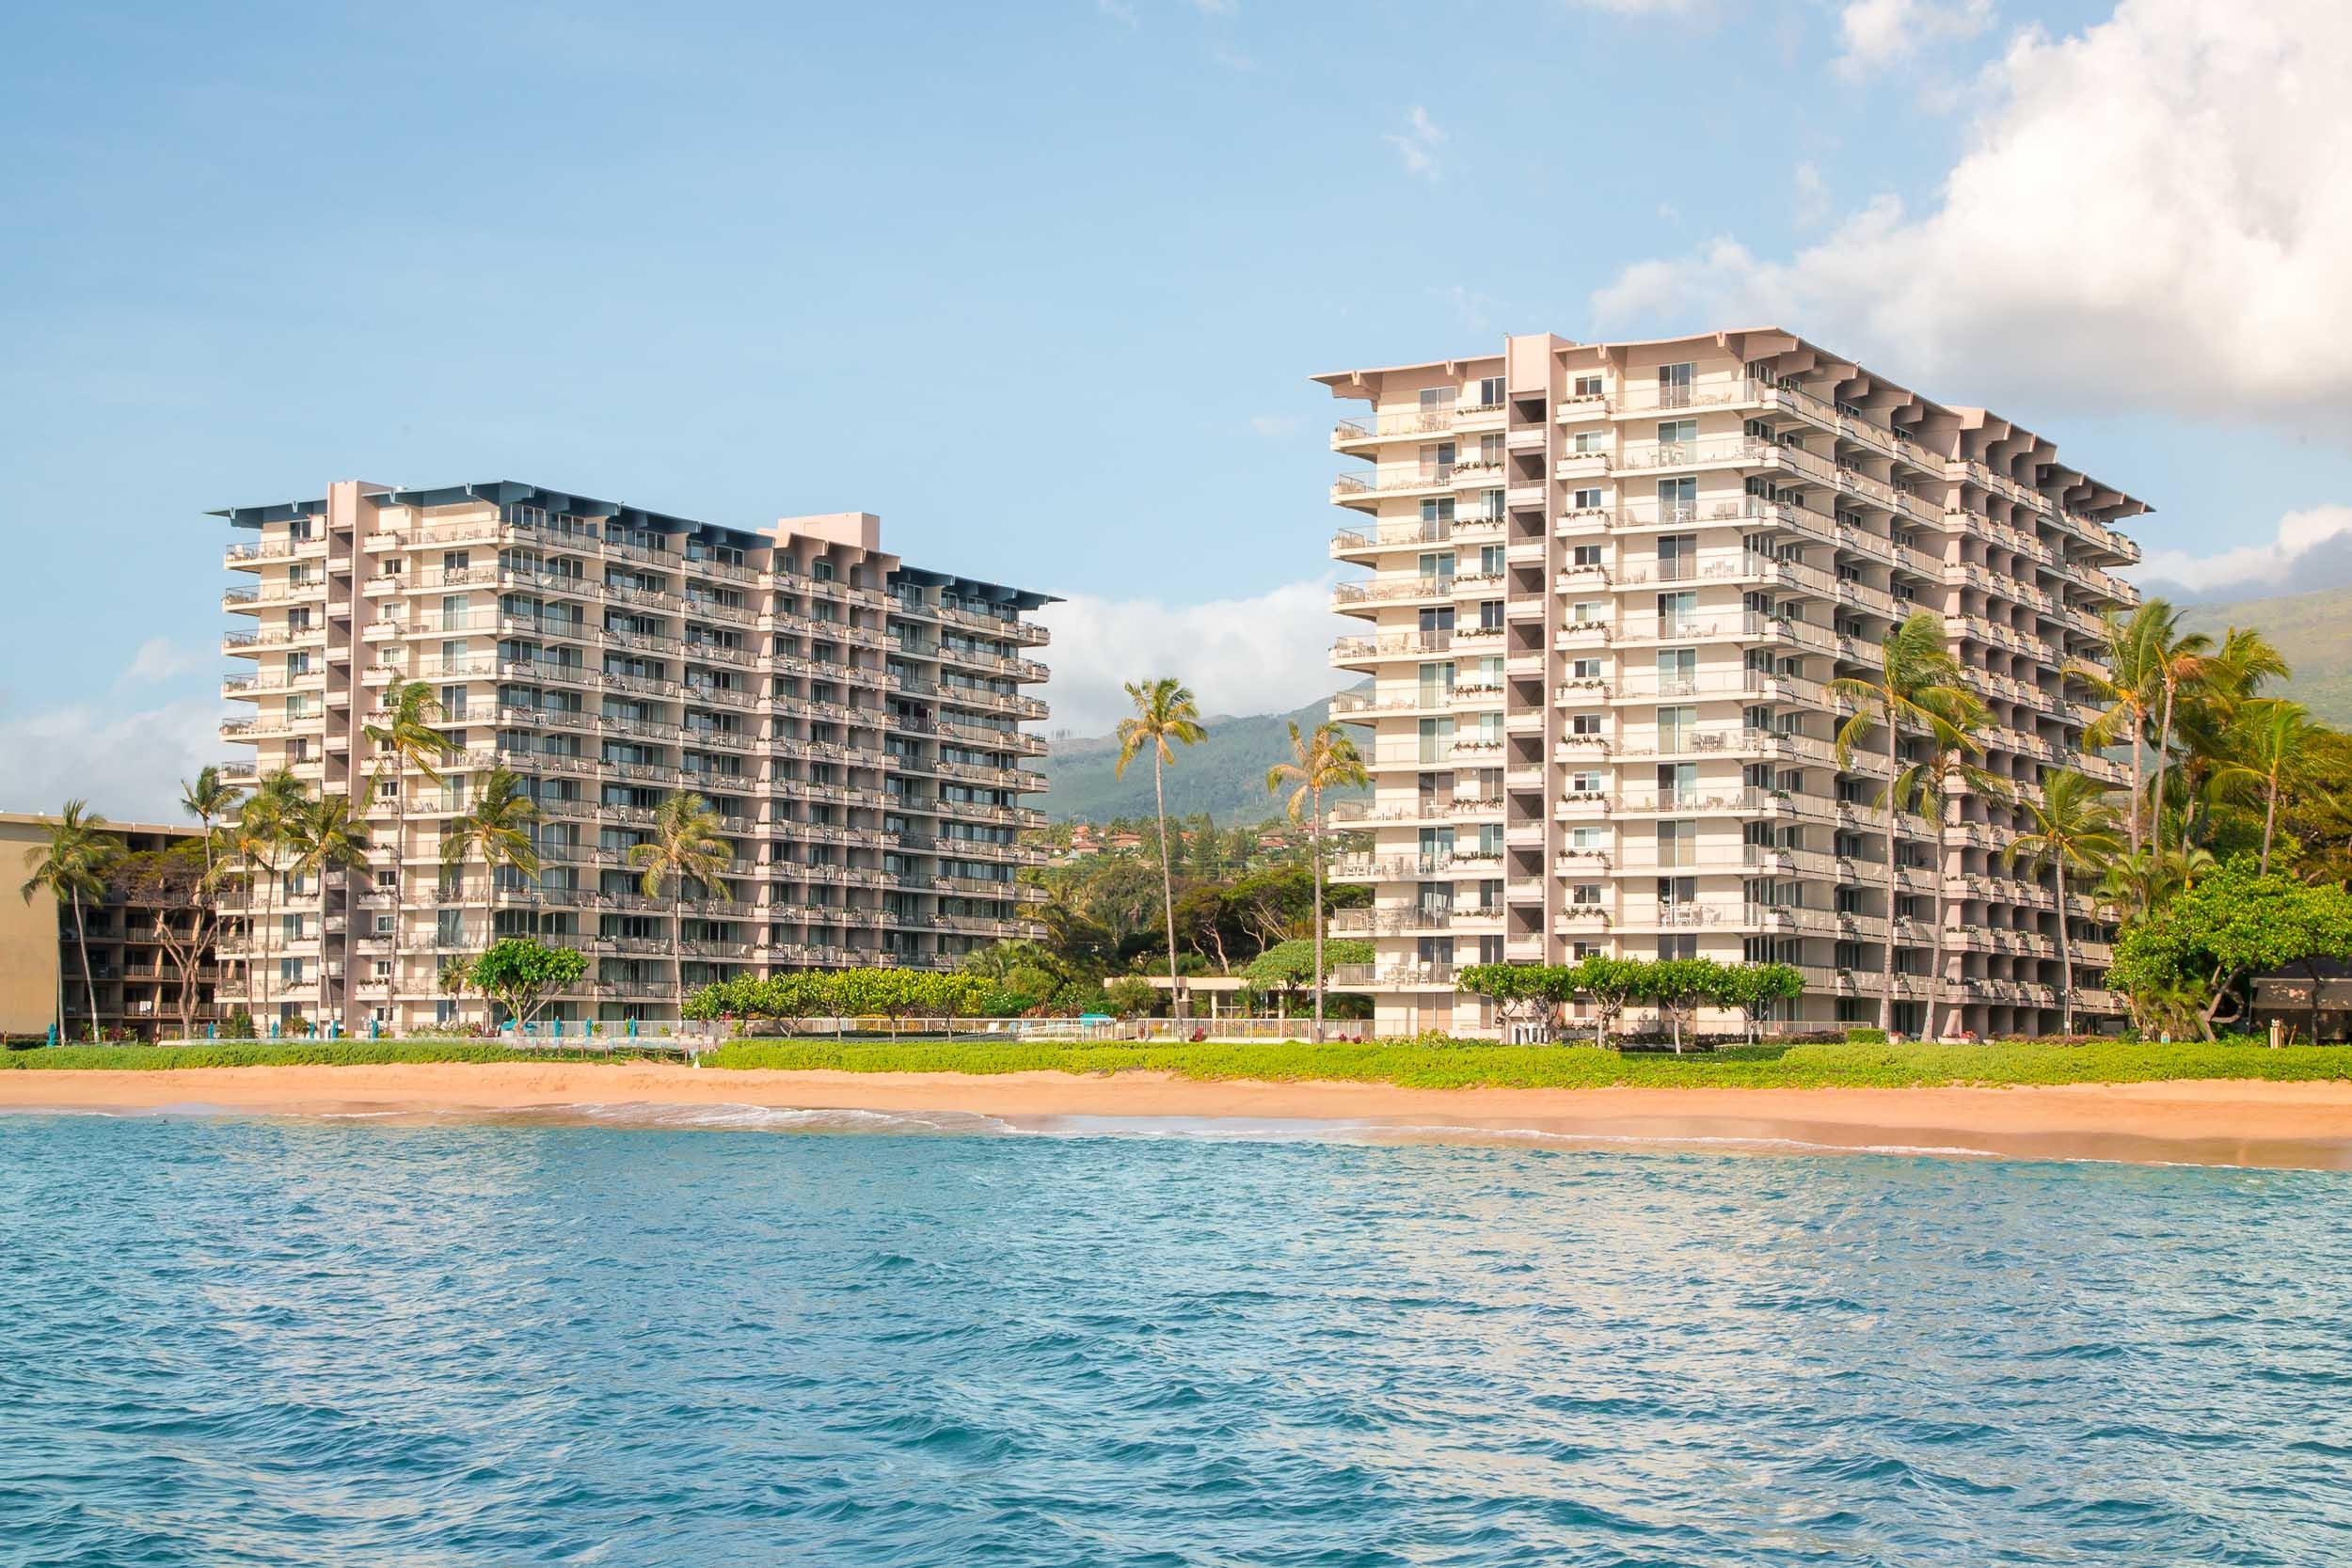 hawaiiresorts_180805_001_2500p.jpg